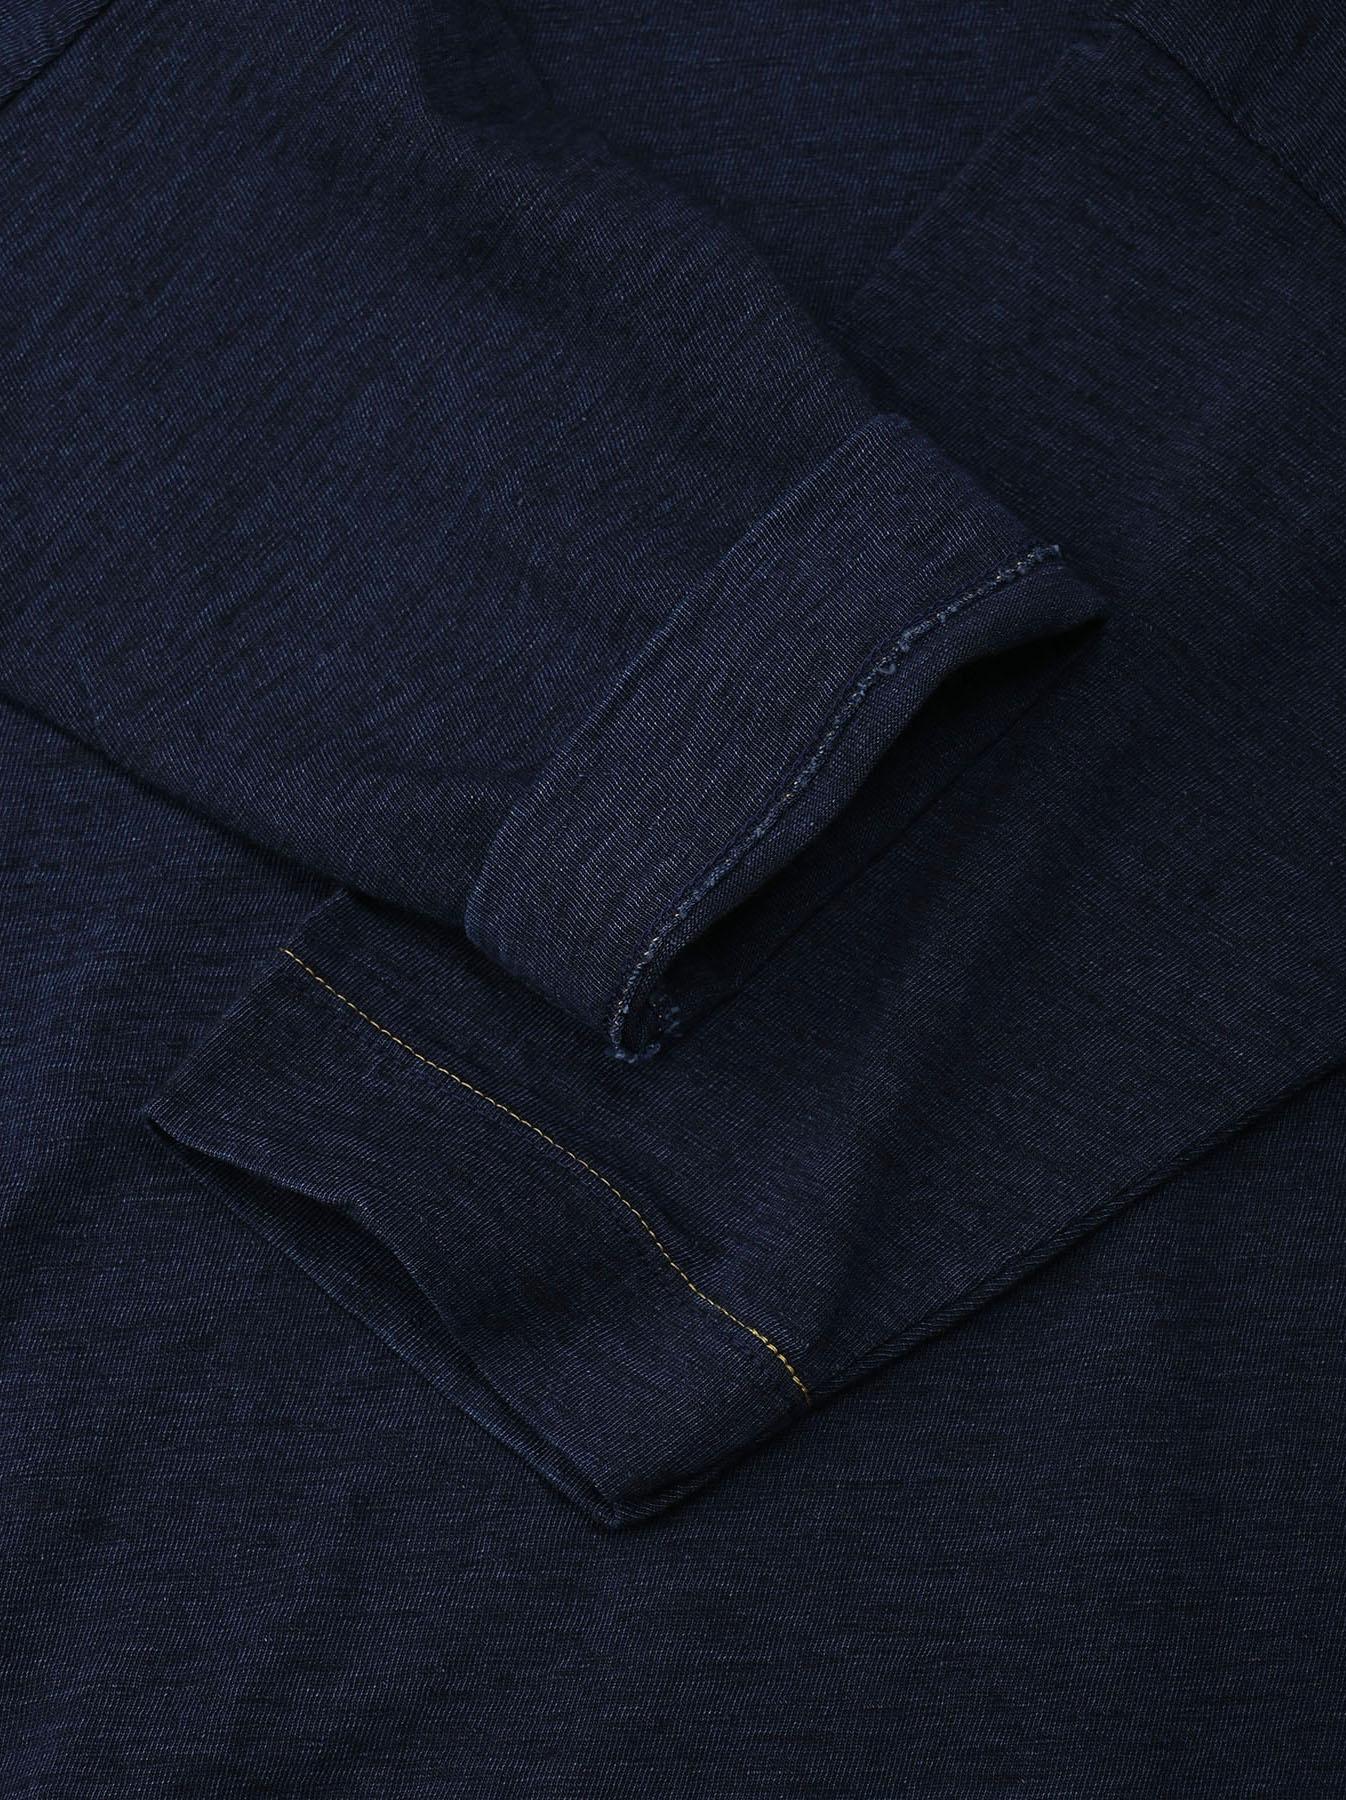 Indigo Nou Zimbabwe Cotton Big Slit T-shirt (0721)-7